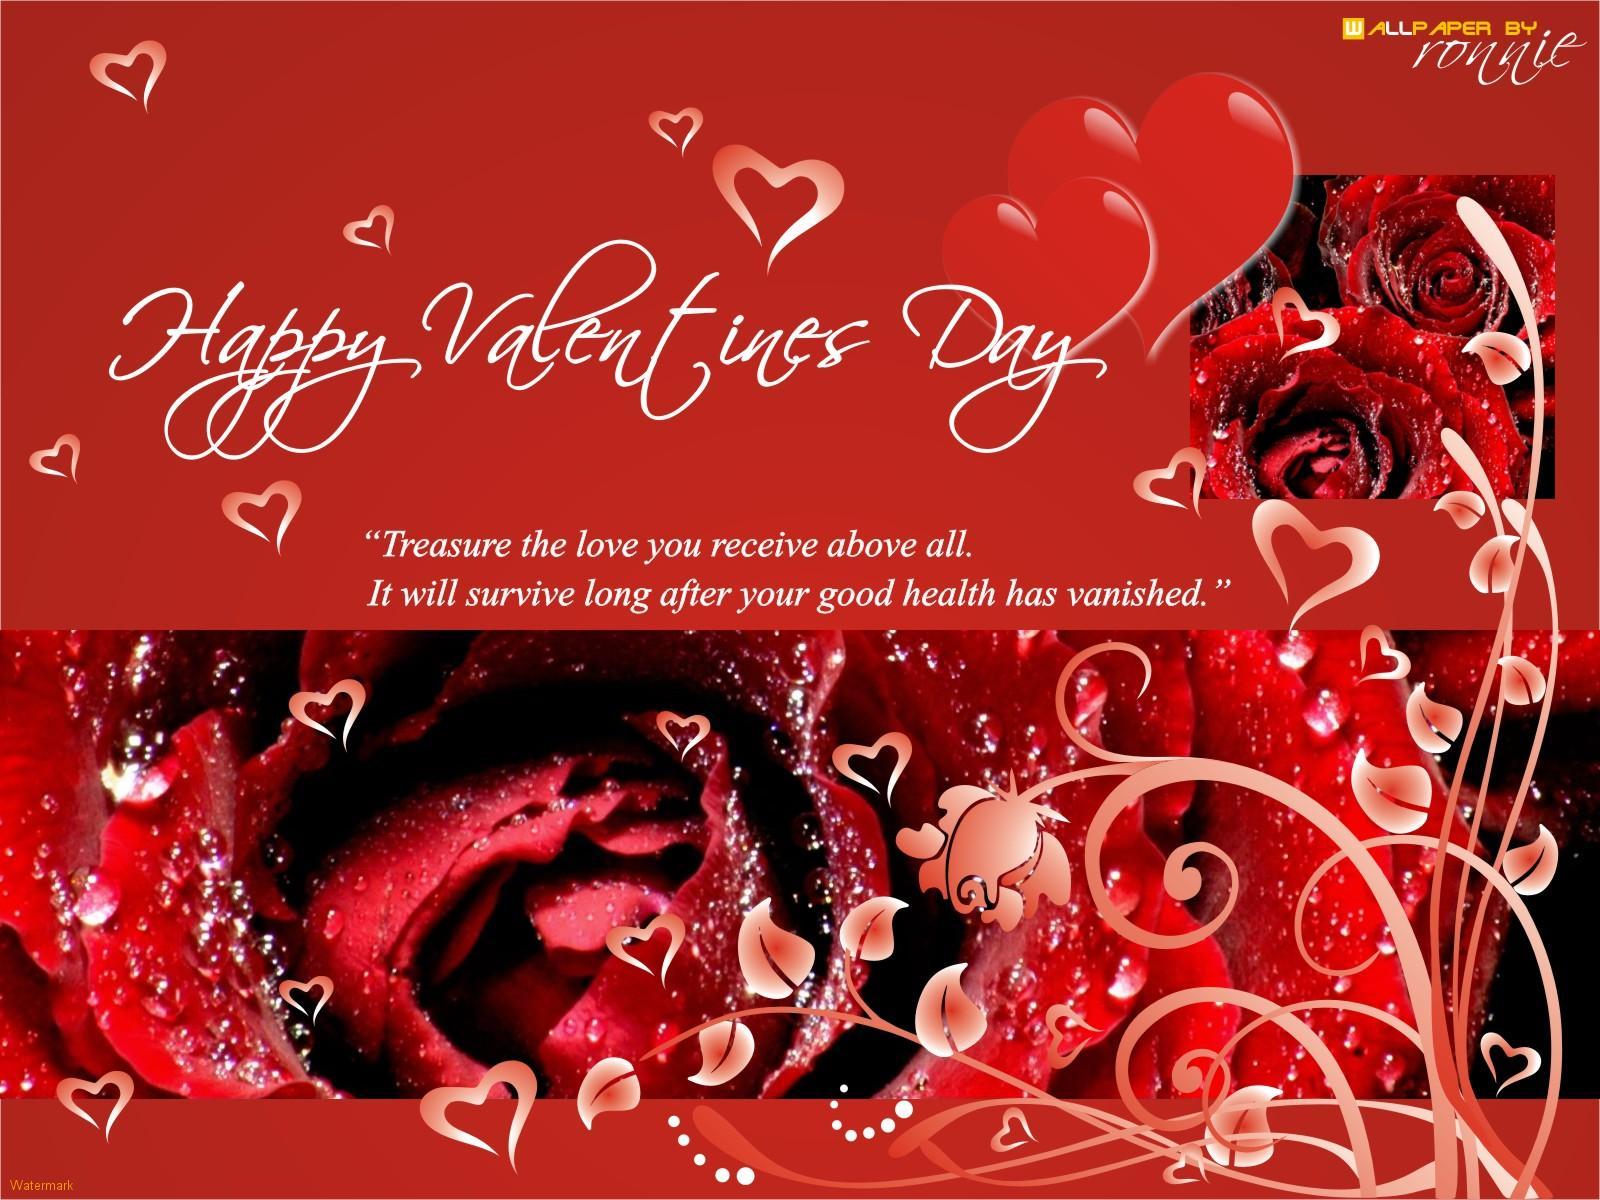 happy valentine's day - photo #25